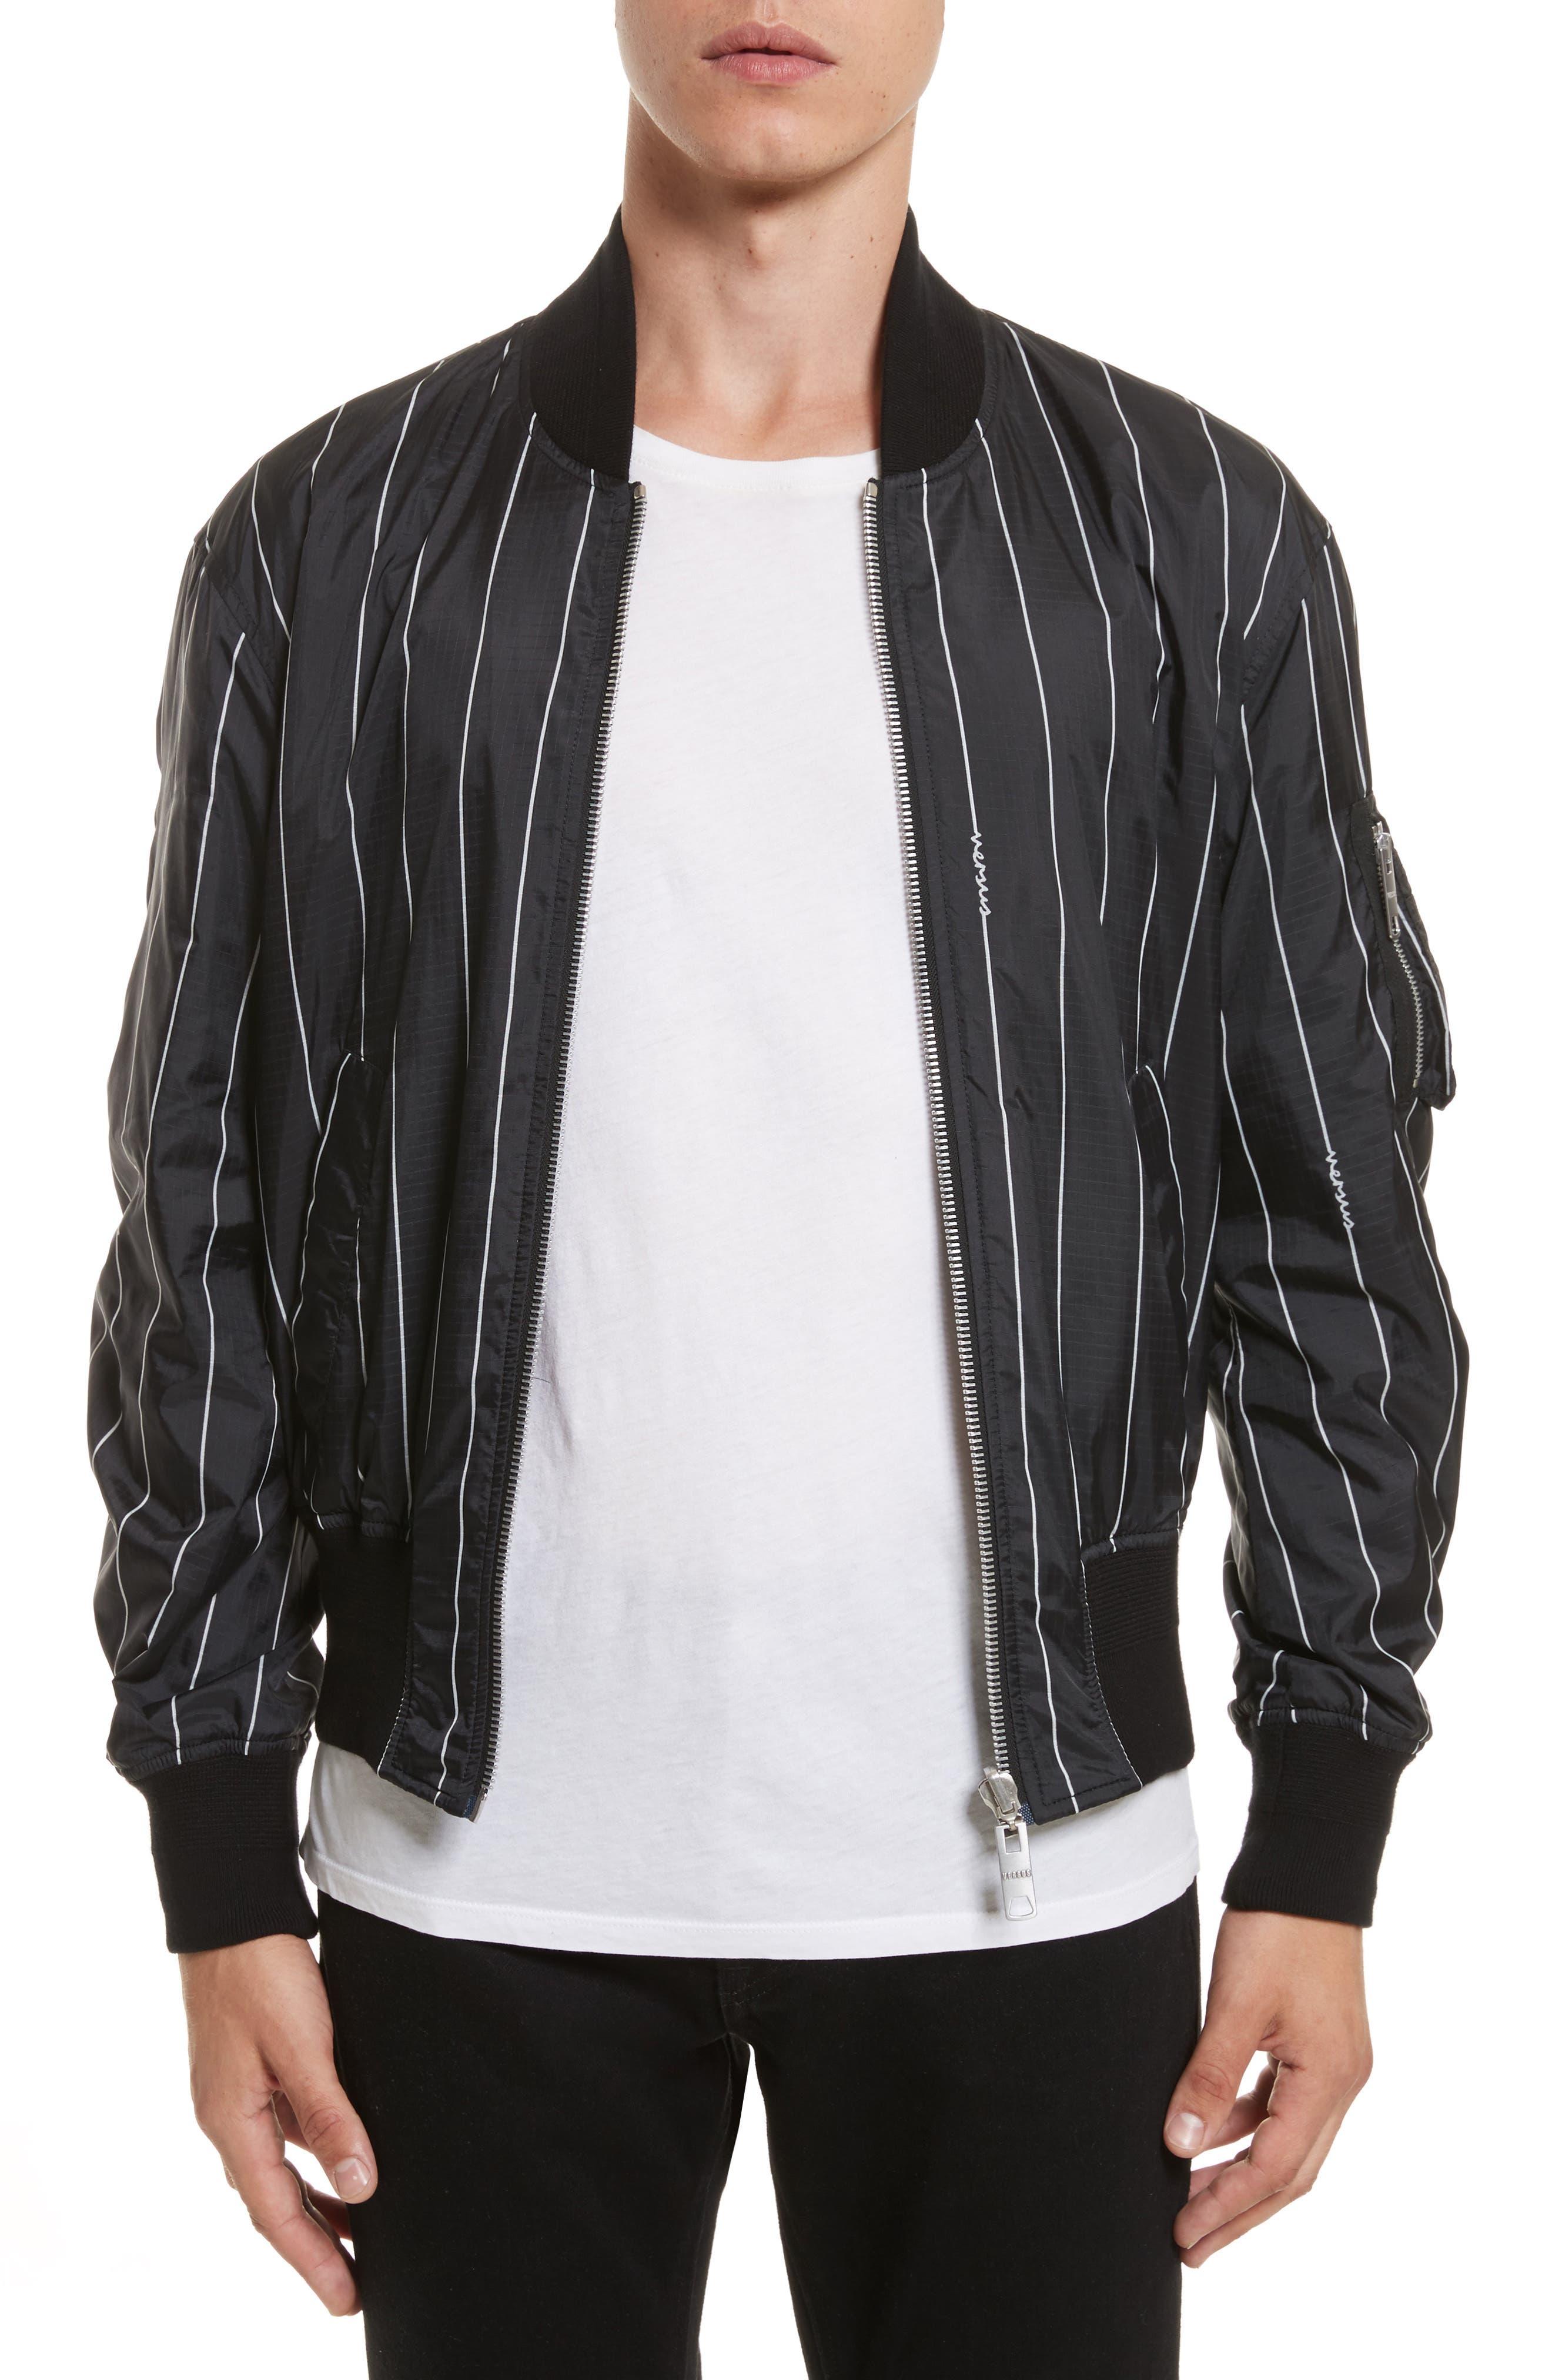 VERSUS by Versace Reversible Pinstripe Bomber Jacket